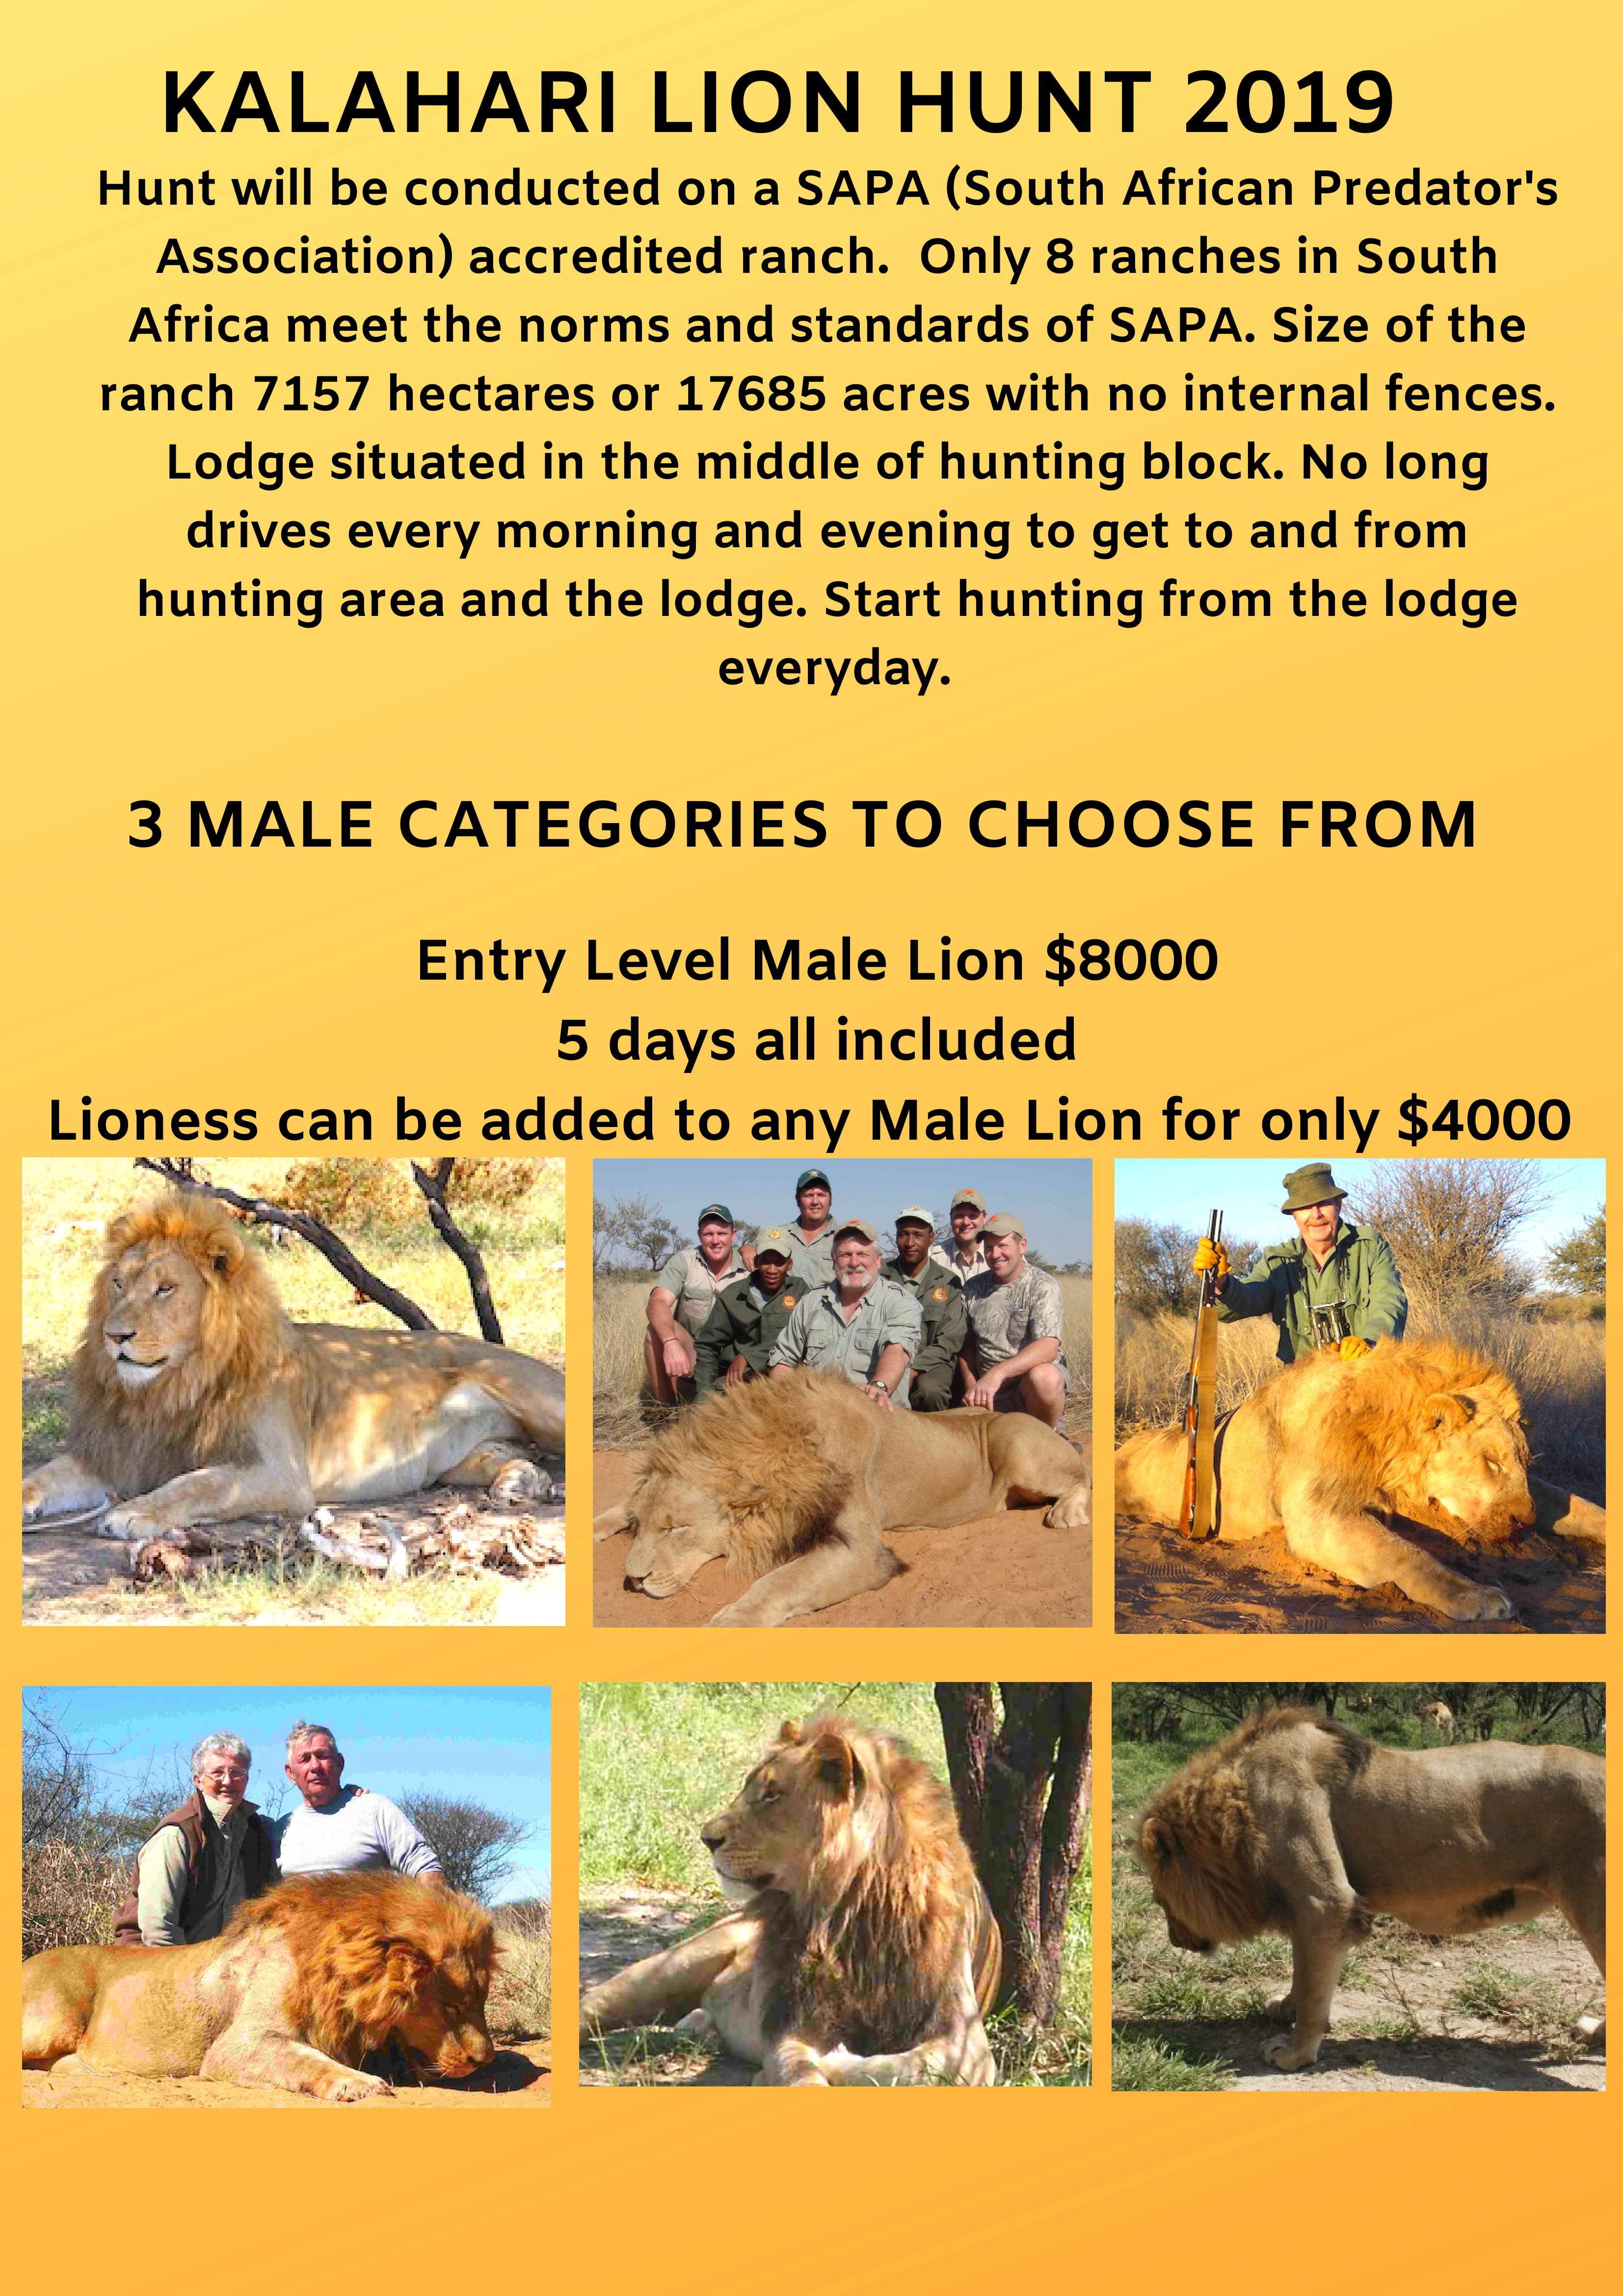 Kalahari Lion Hunt 2019-1.jpg